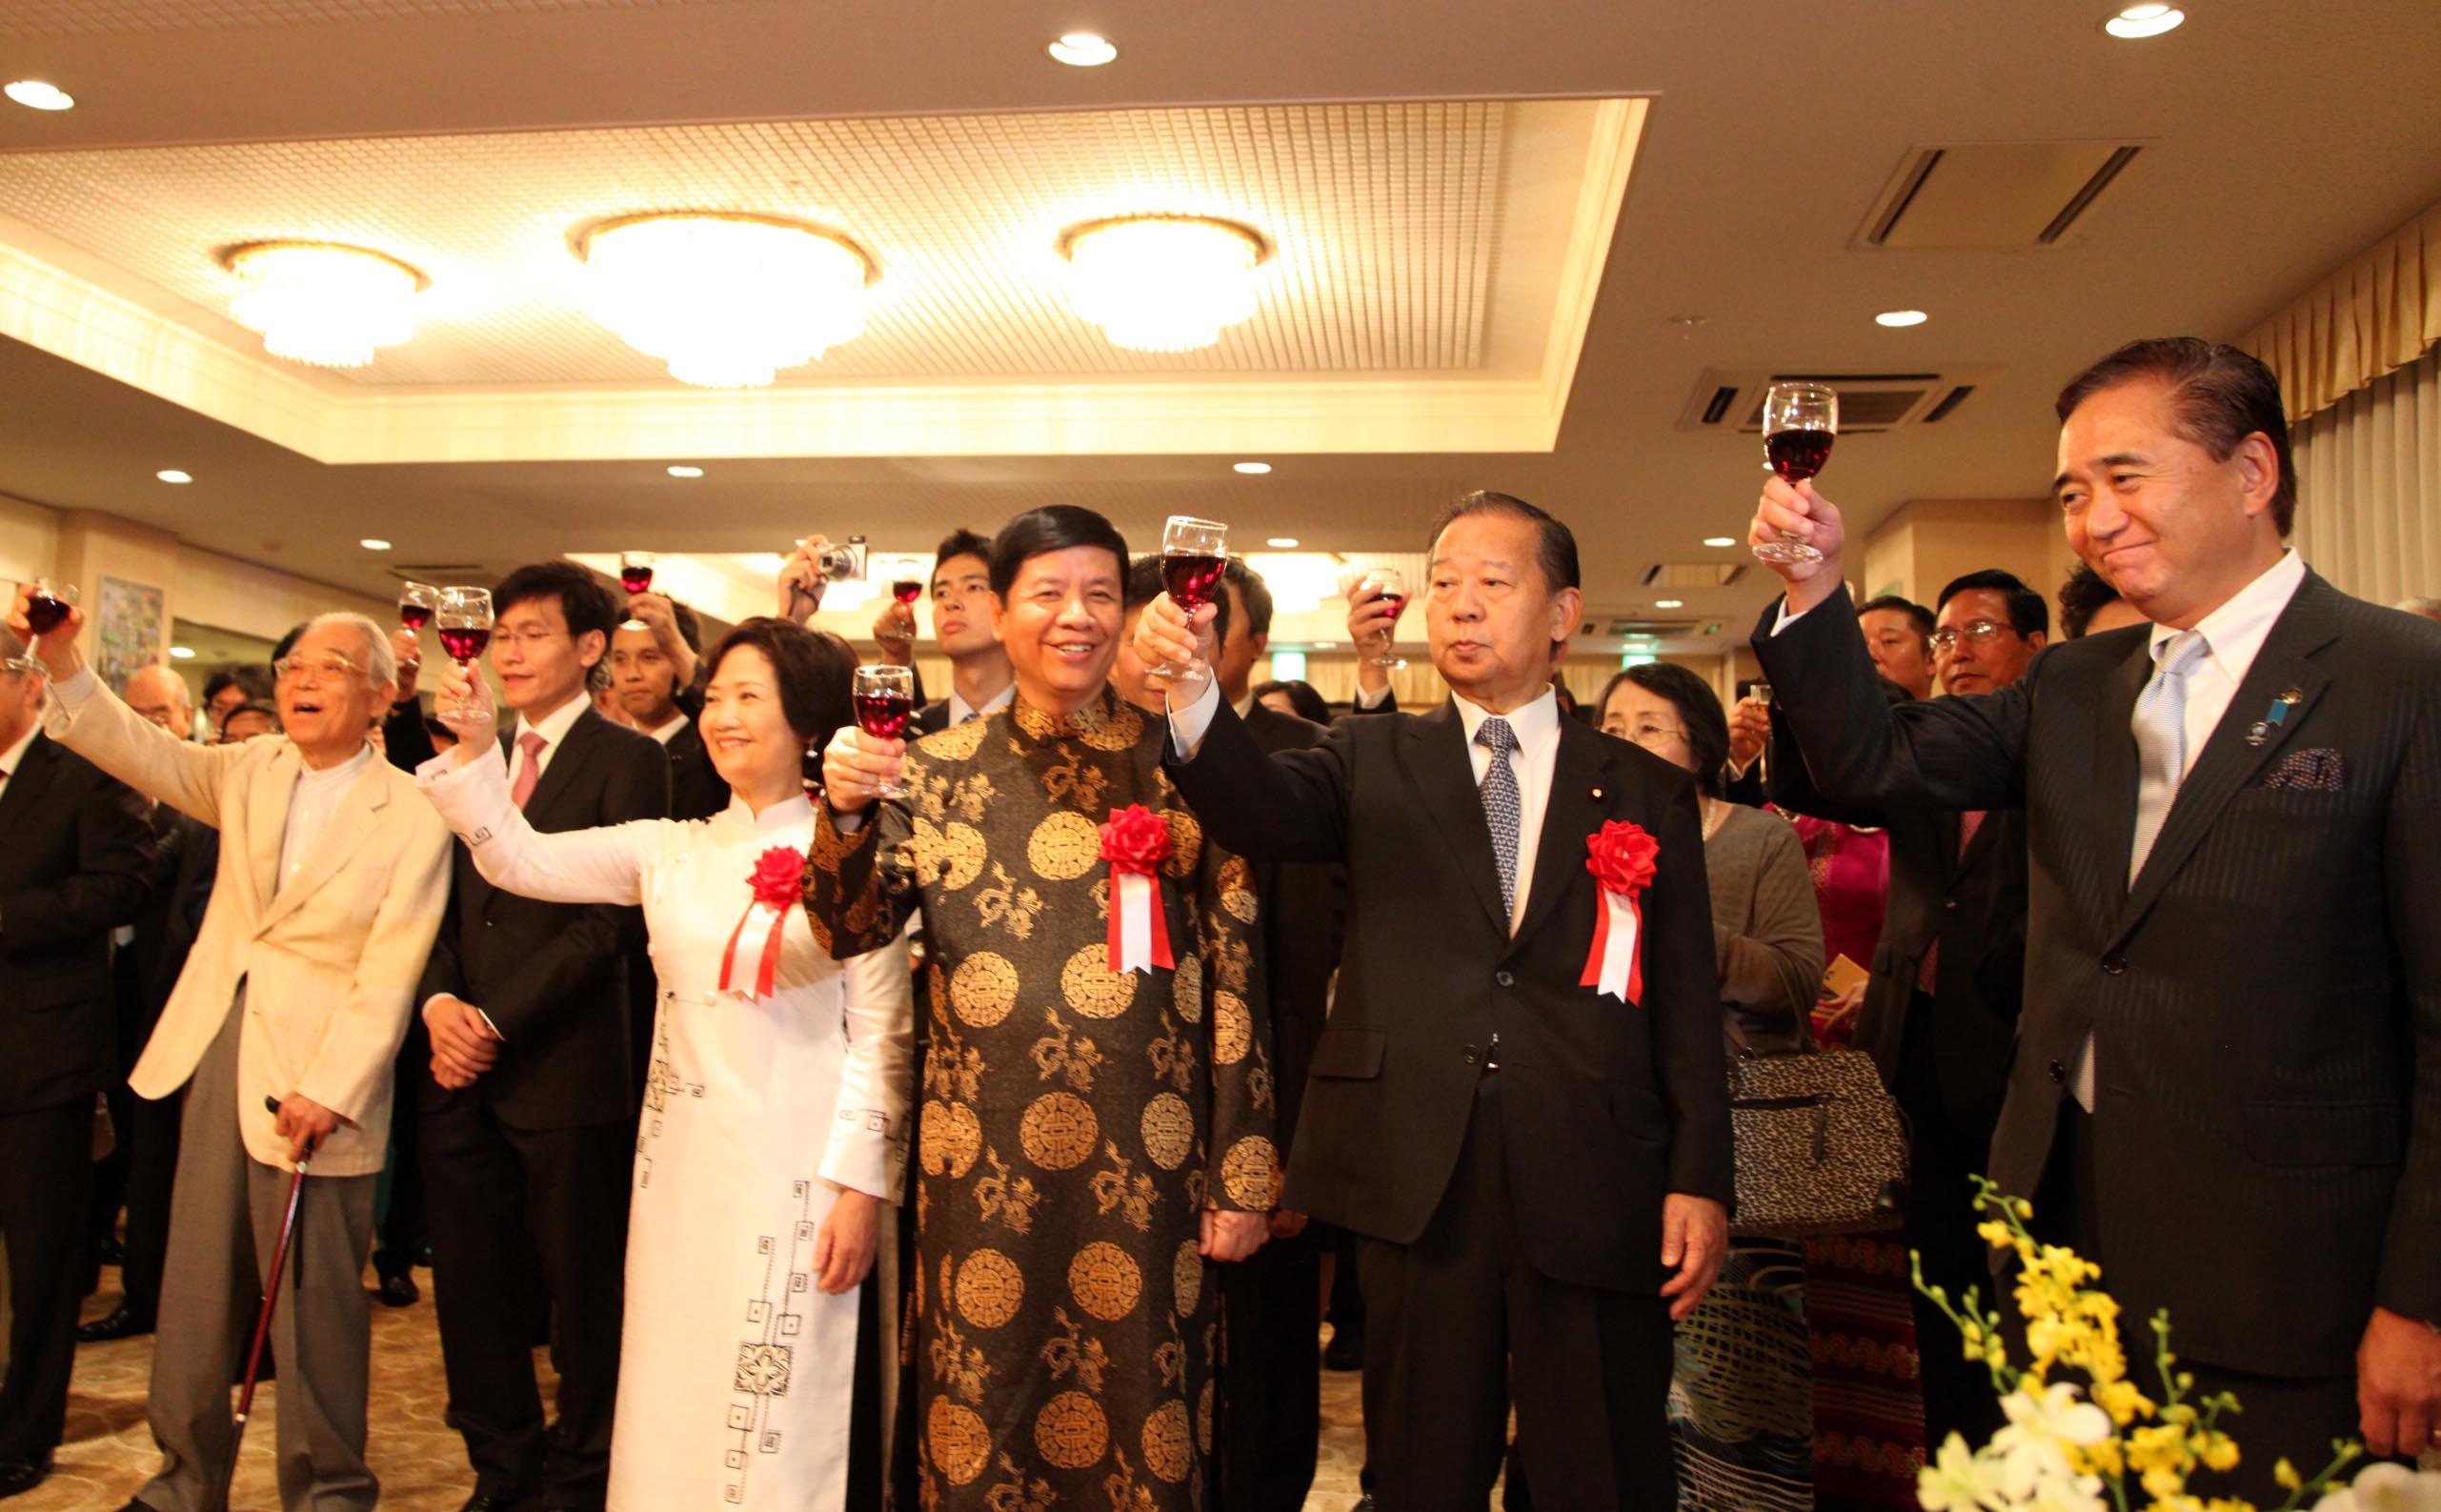 駐日ベトナム大使館は、9月2日独立記念日を盛大に開催